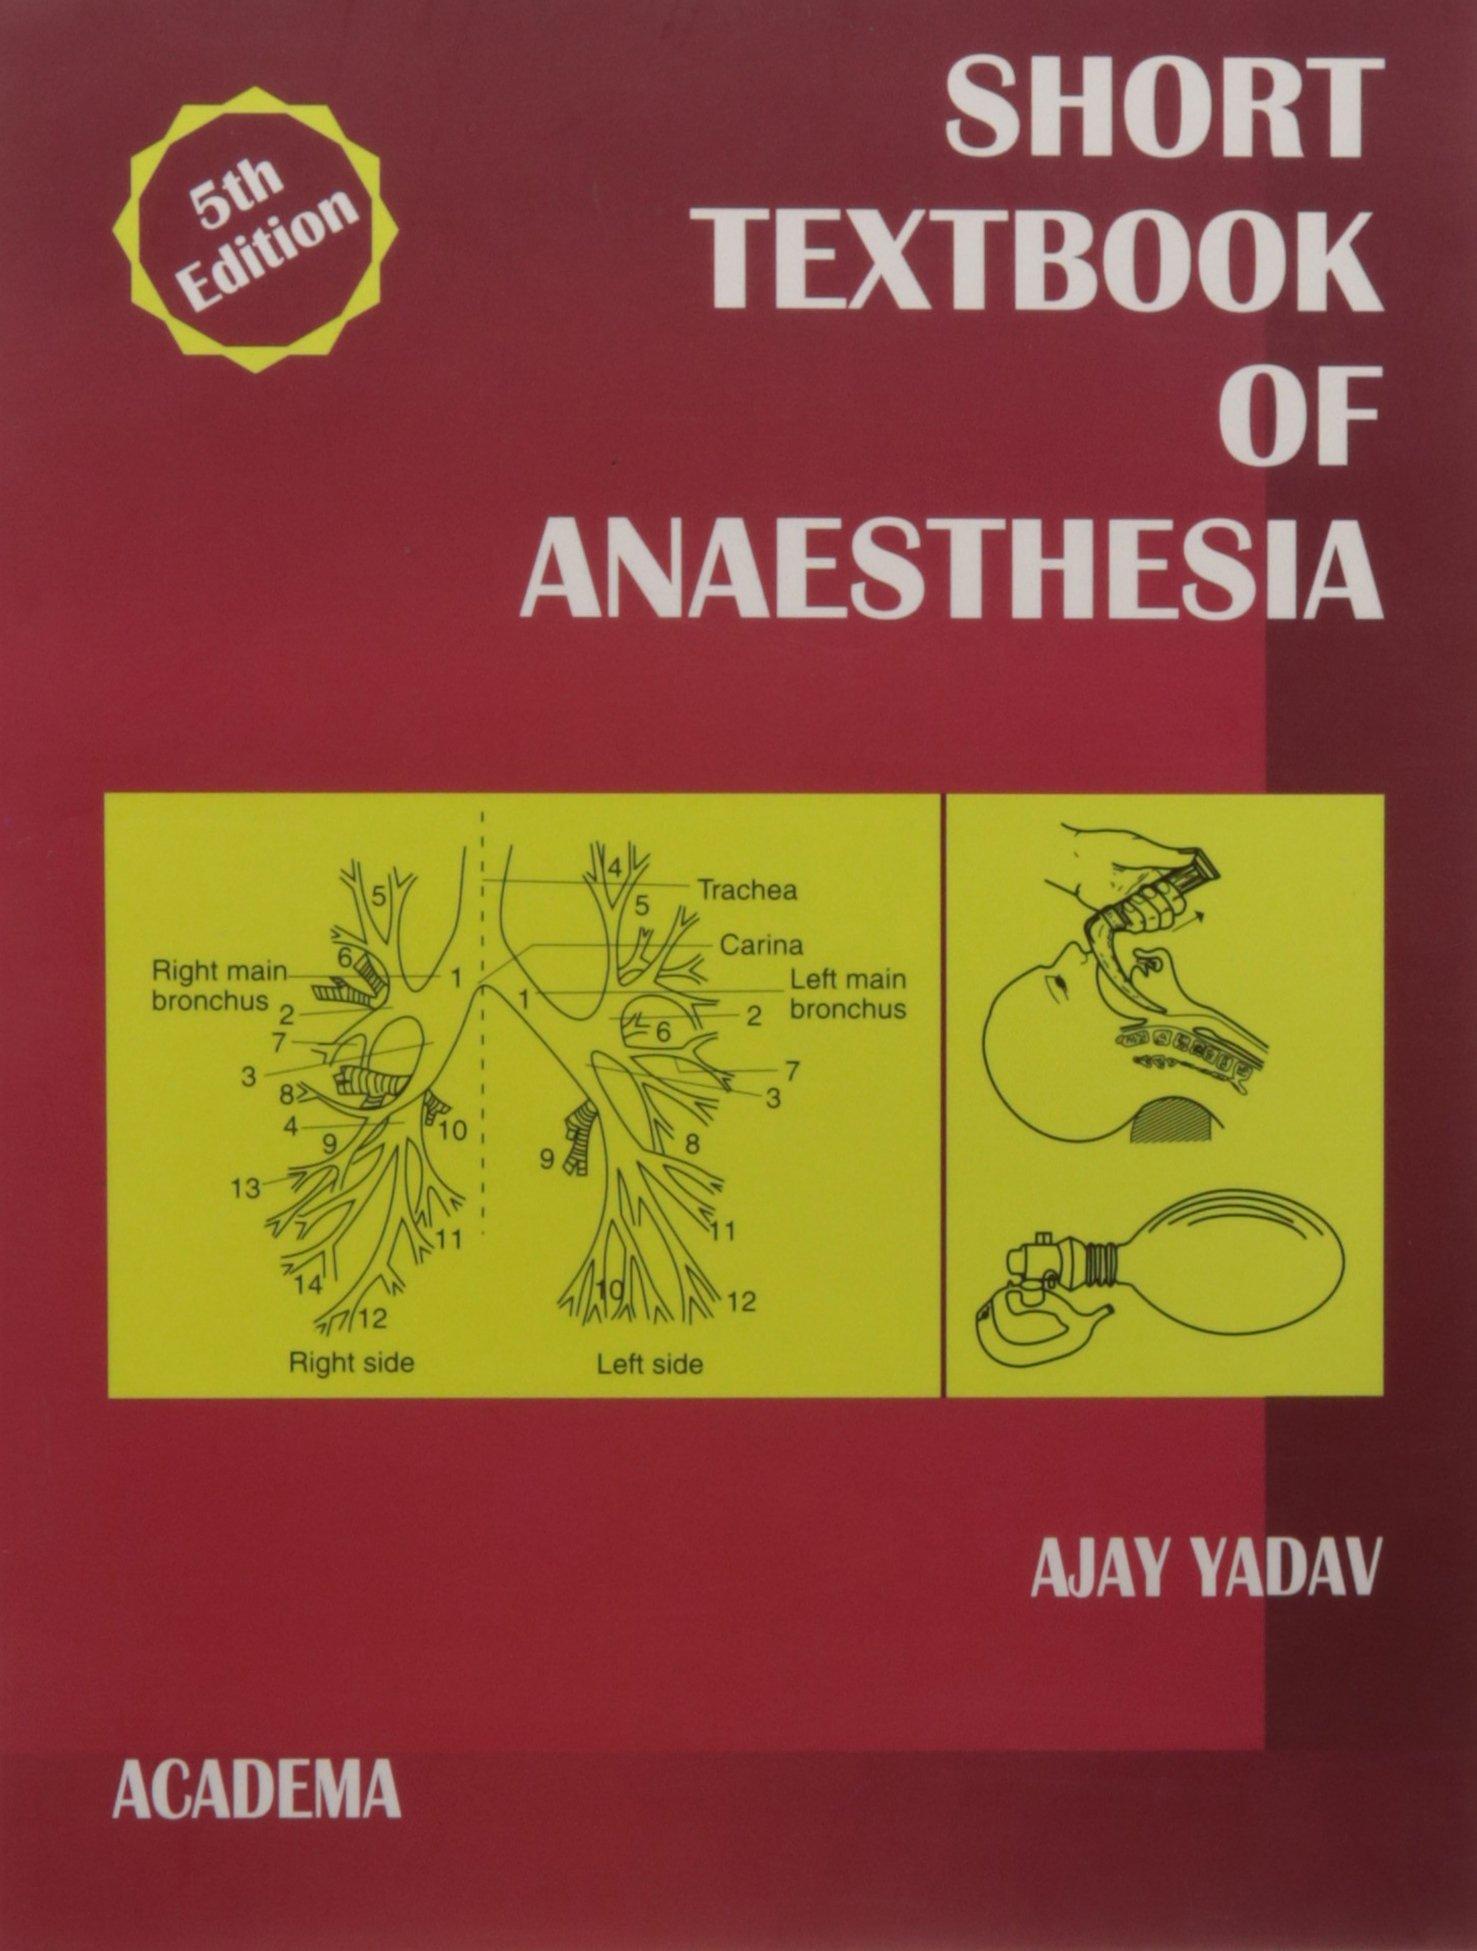 Yadav anaesthesia book ajay